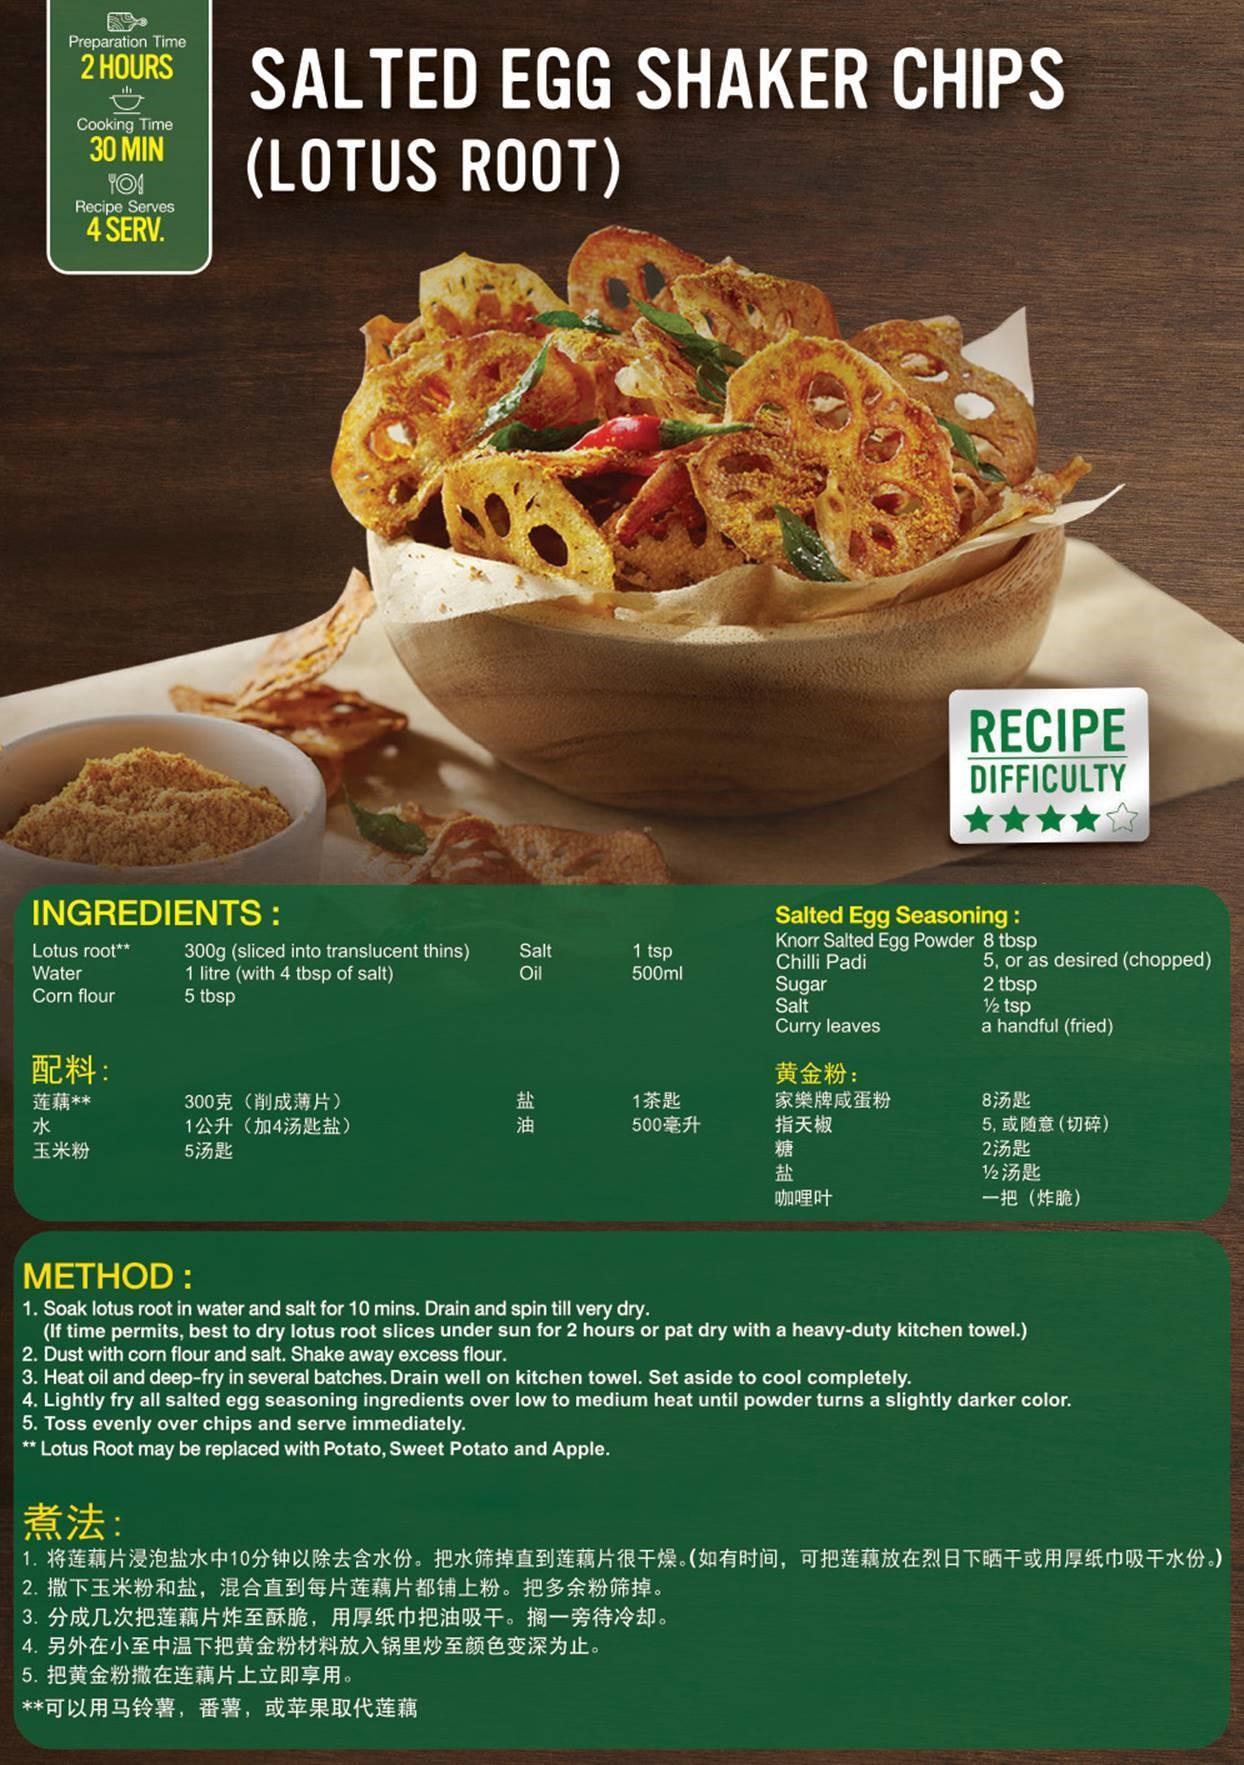 Knorr Salted Egg Recipe - Shaker Chips.jpg